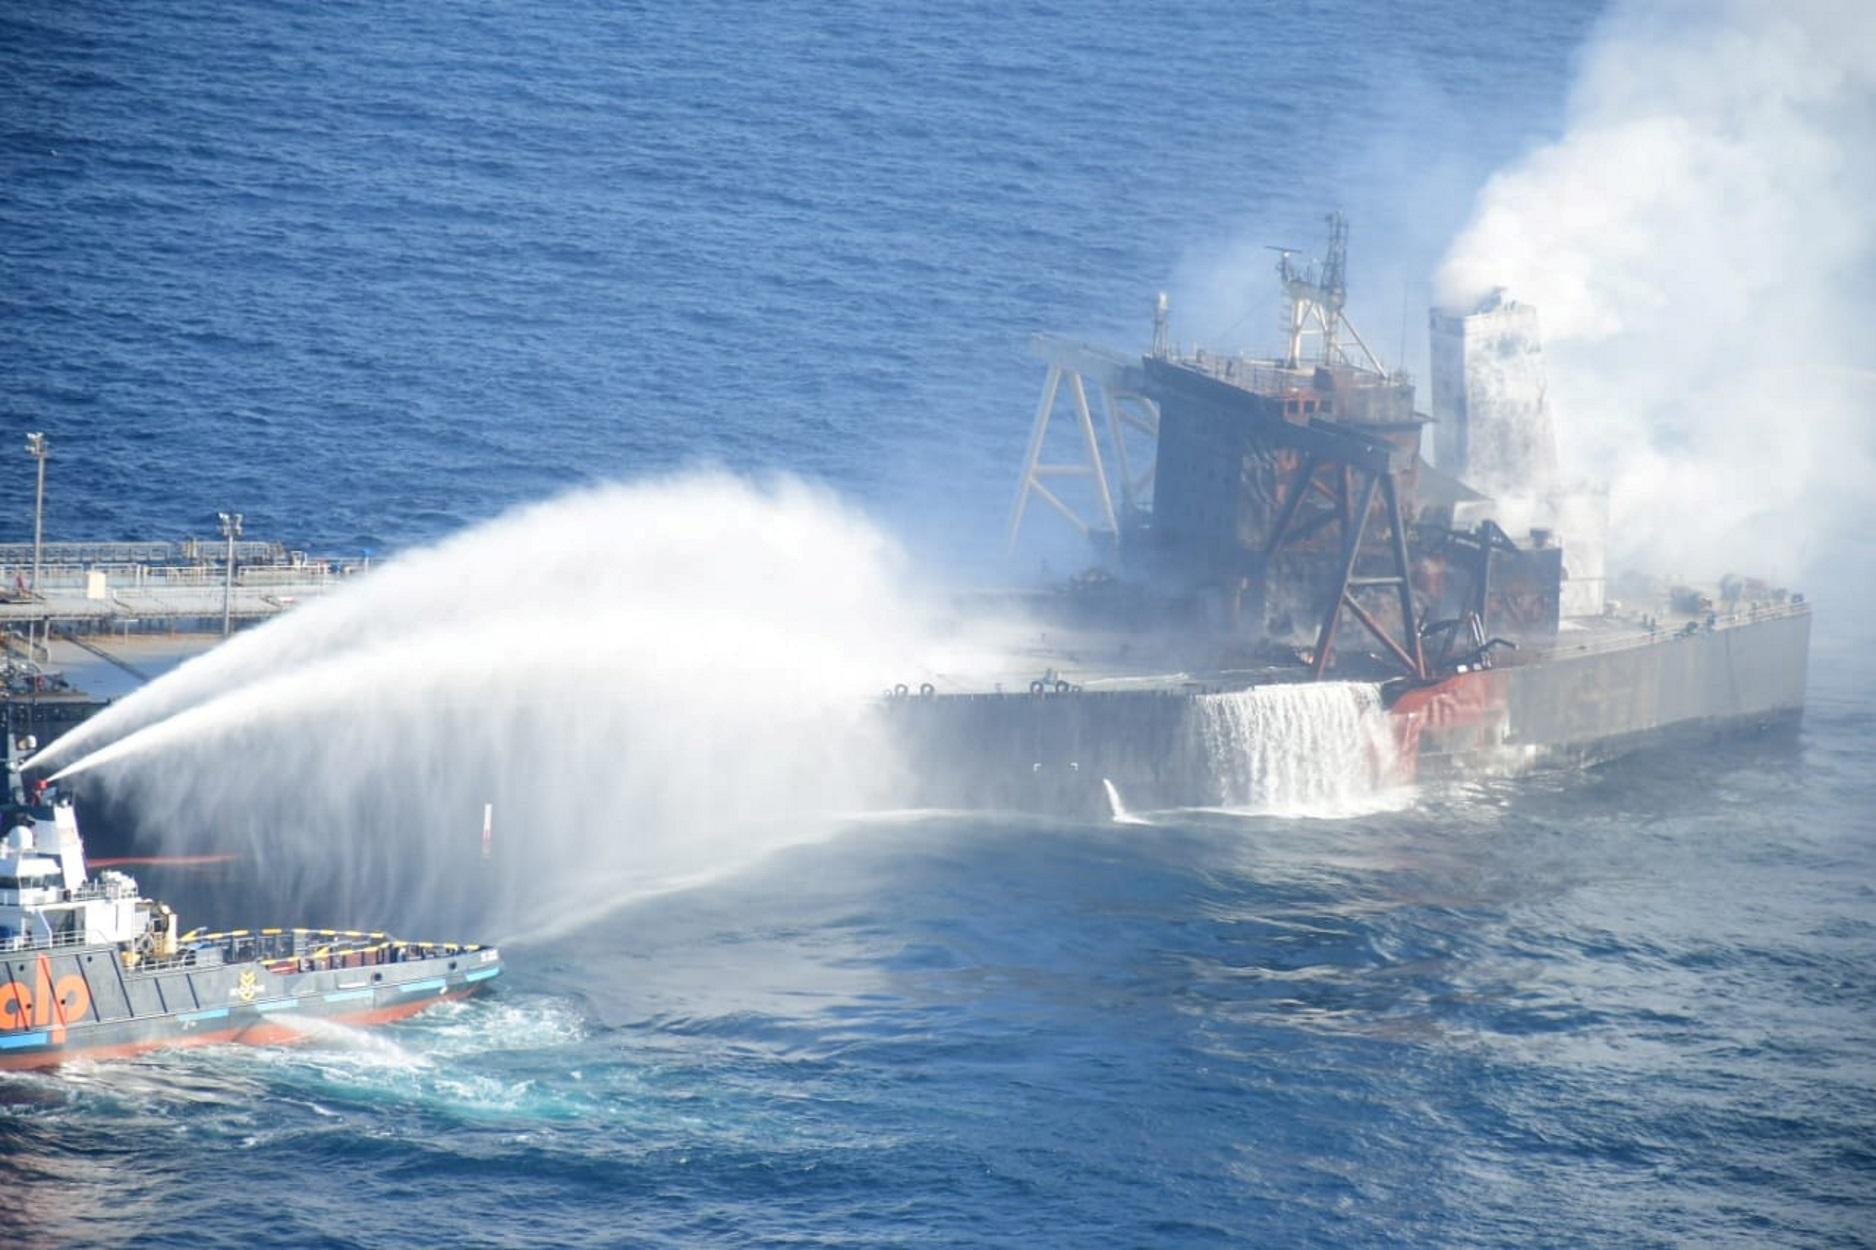 Σρι Λάνκα: Κατασβέστηκε η φωτιά στο σούπερ πετρελαιοφόρο – 5  Έλληνες στο πλήρωμα (pics, video)